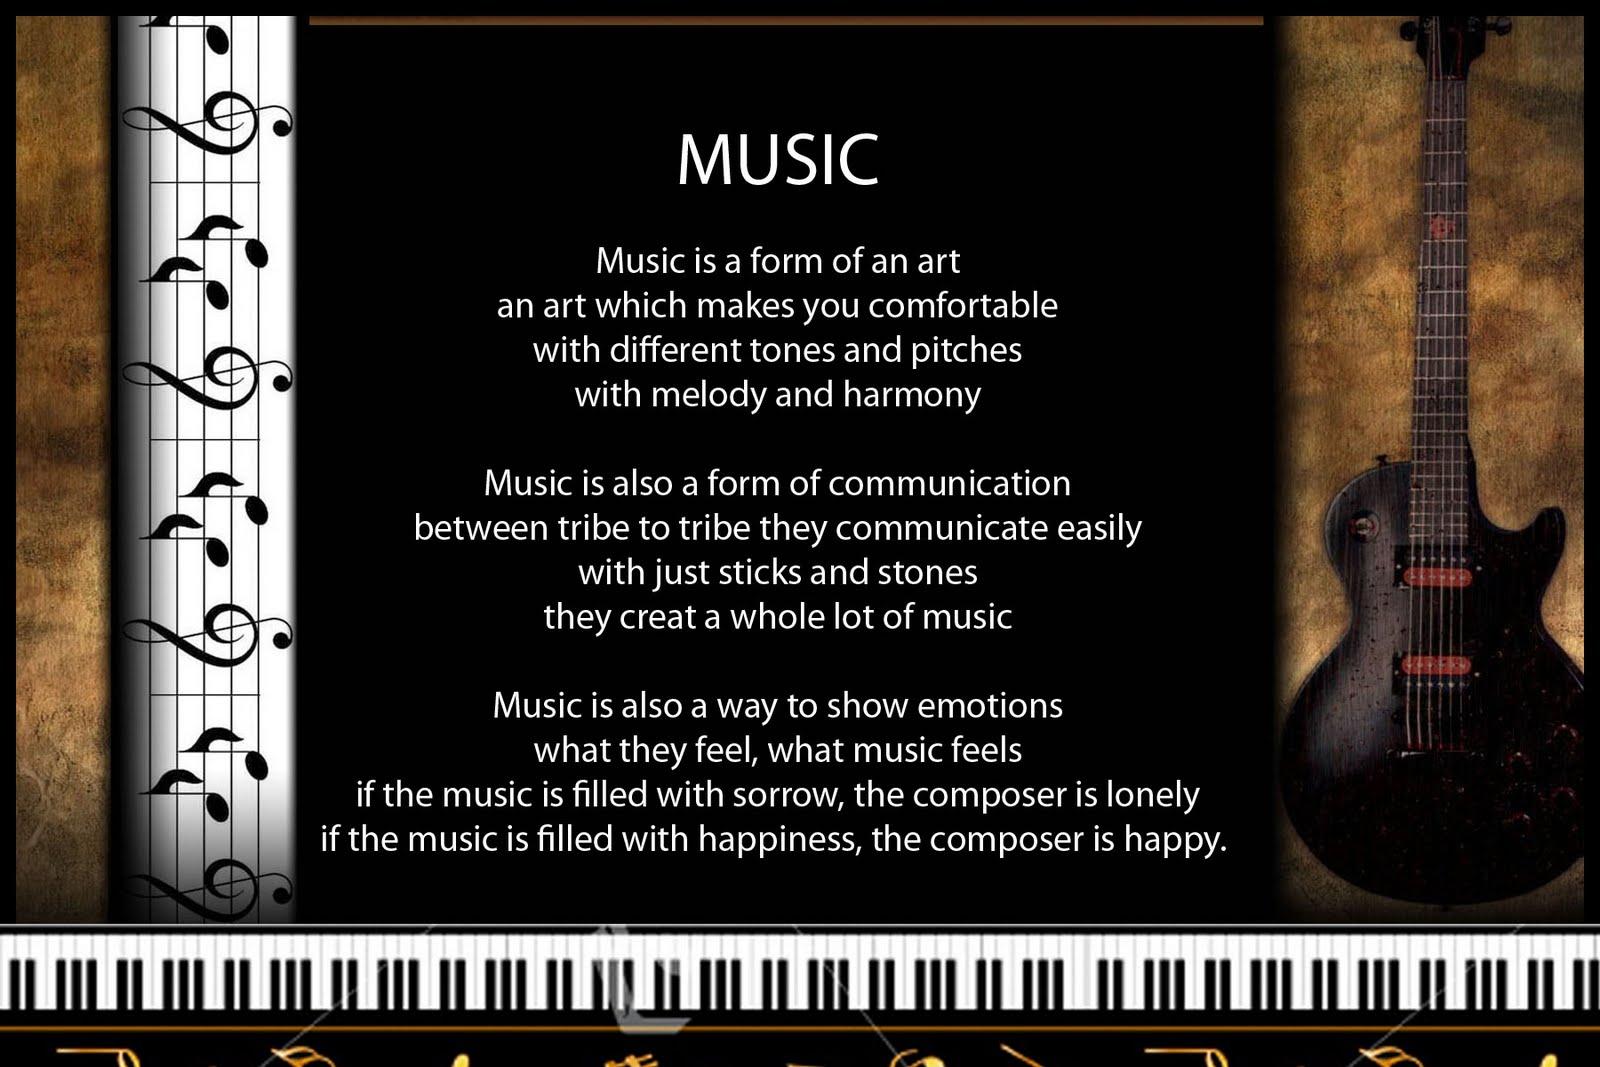 Uplifting Music Quotes. QuotesGram